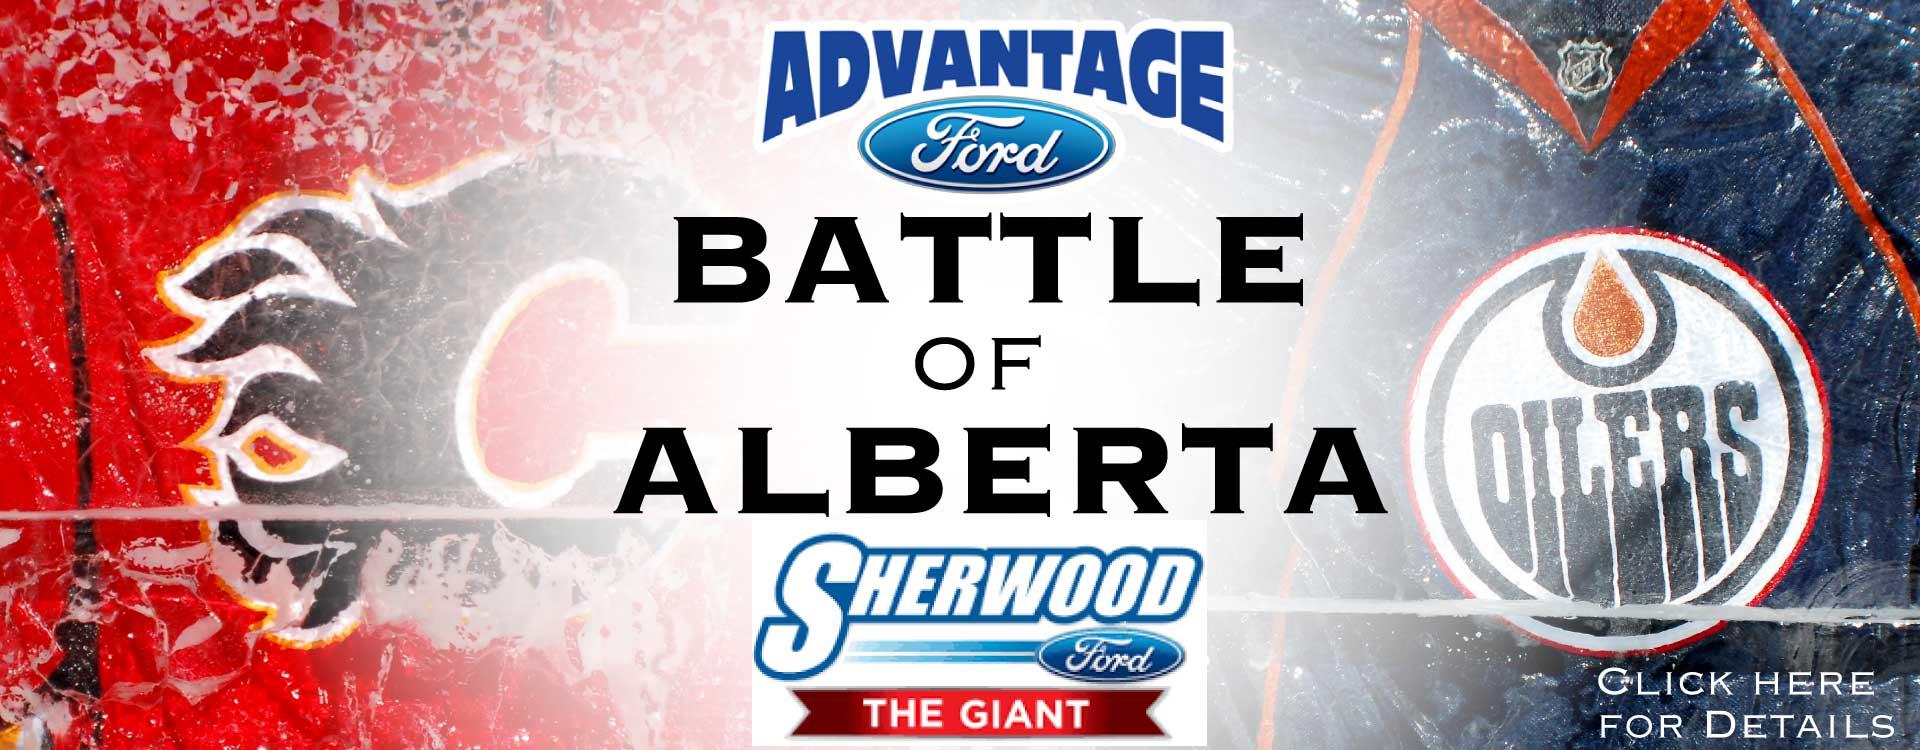 banner-battle-of-alberta---sherwood-ford-slider